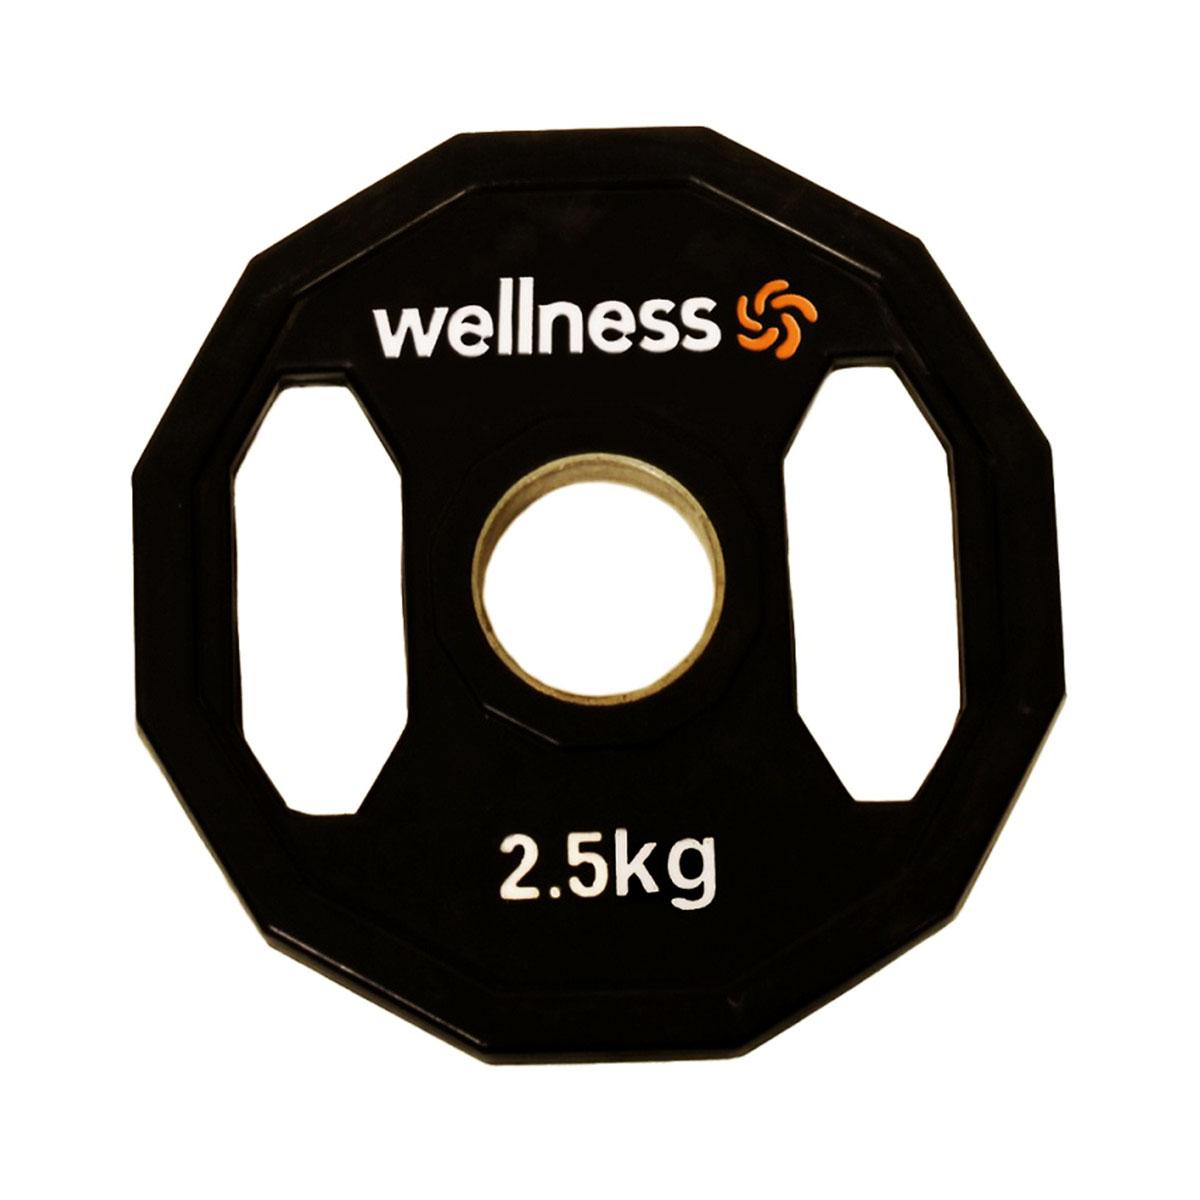 Anilha Emborrachada Furação Standard 12 Faces com Pegada 2,50kg Wellness